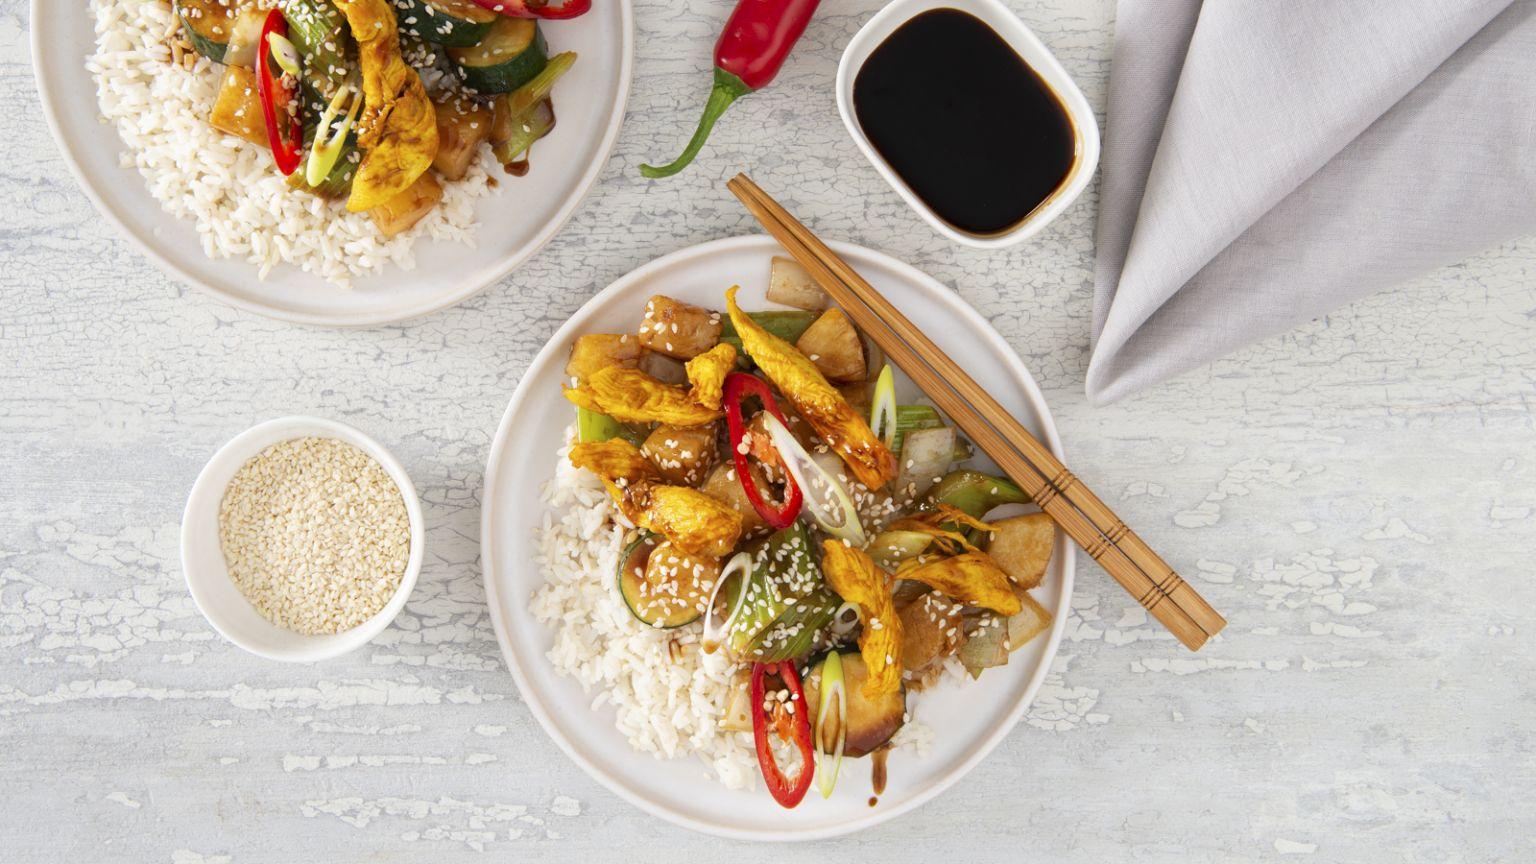 Chicken Zucchini Stir-Fry